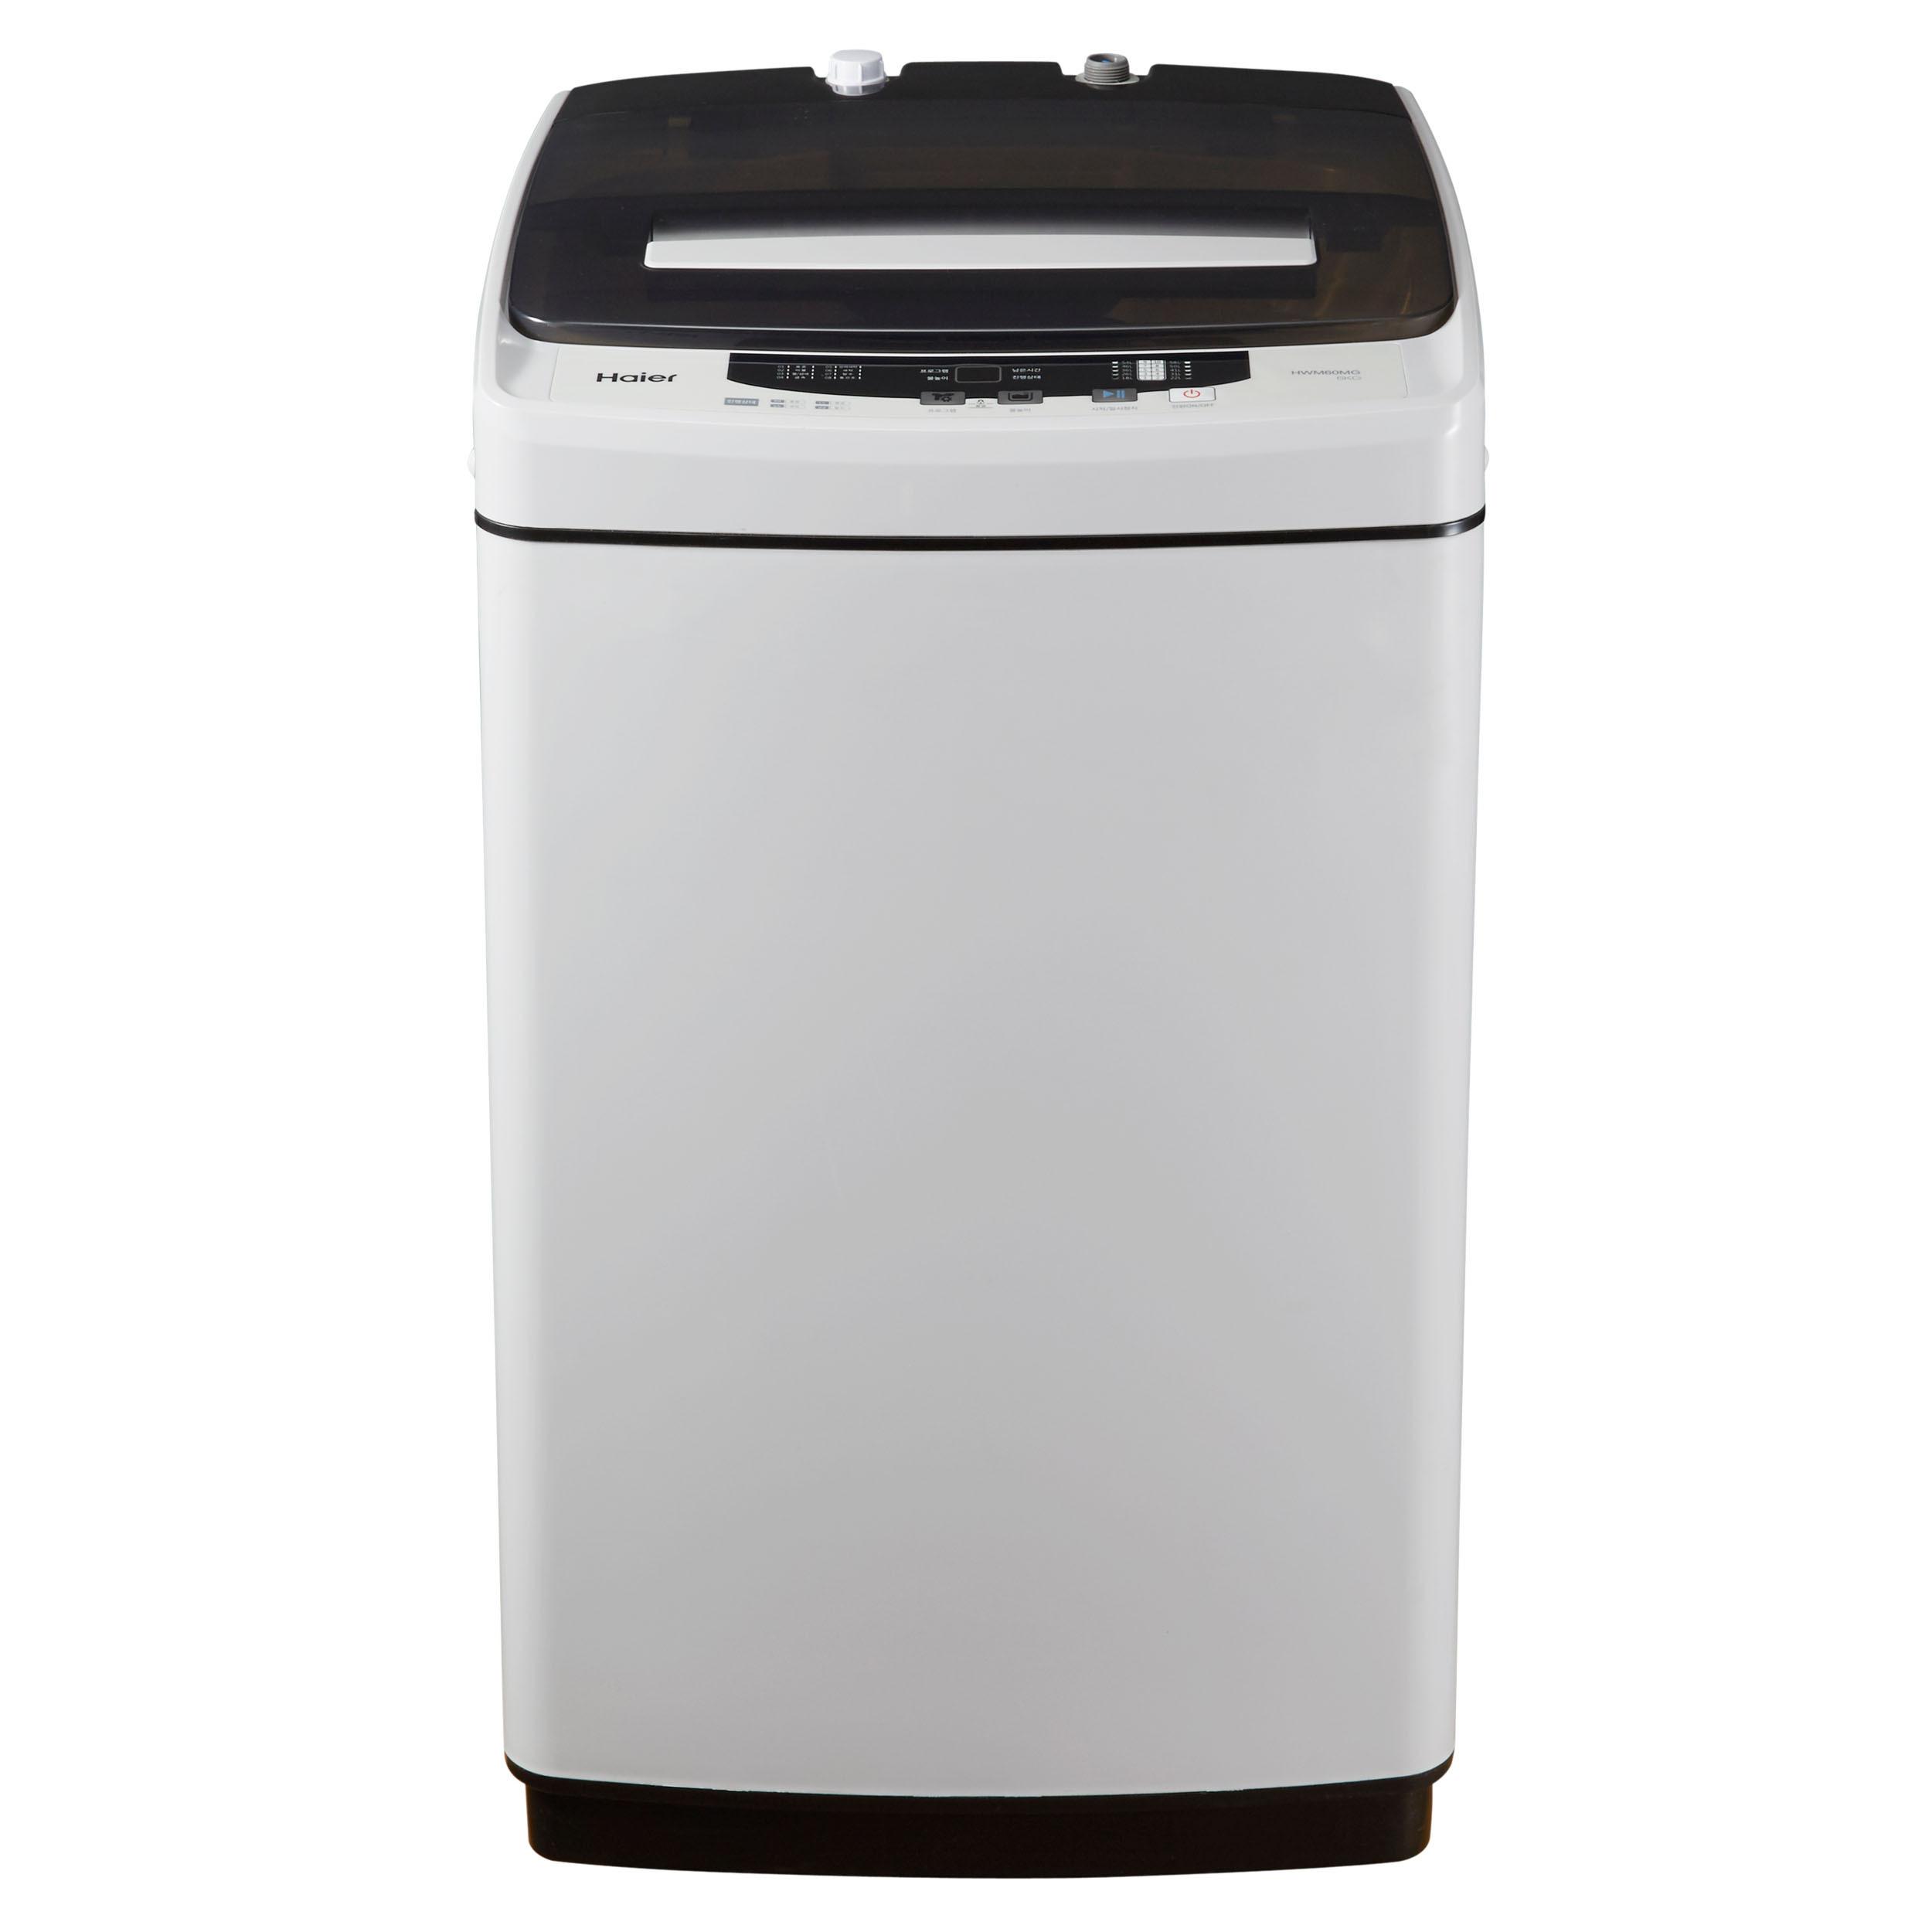 하이얼 소형 통돌이 세탁기 6kg 방문설치, HWM60HG(연그레이)